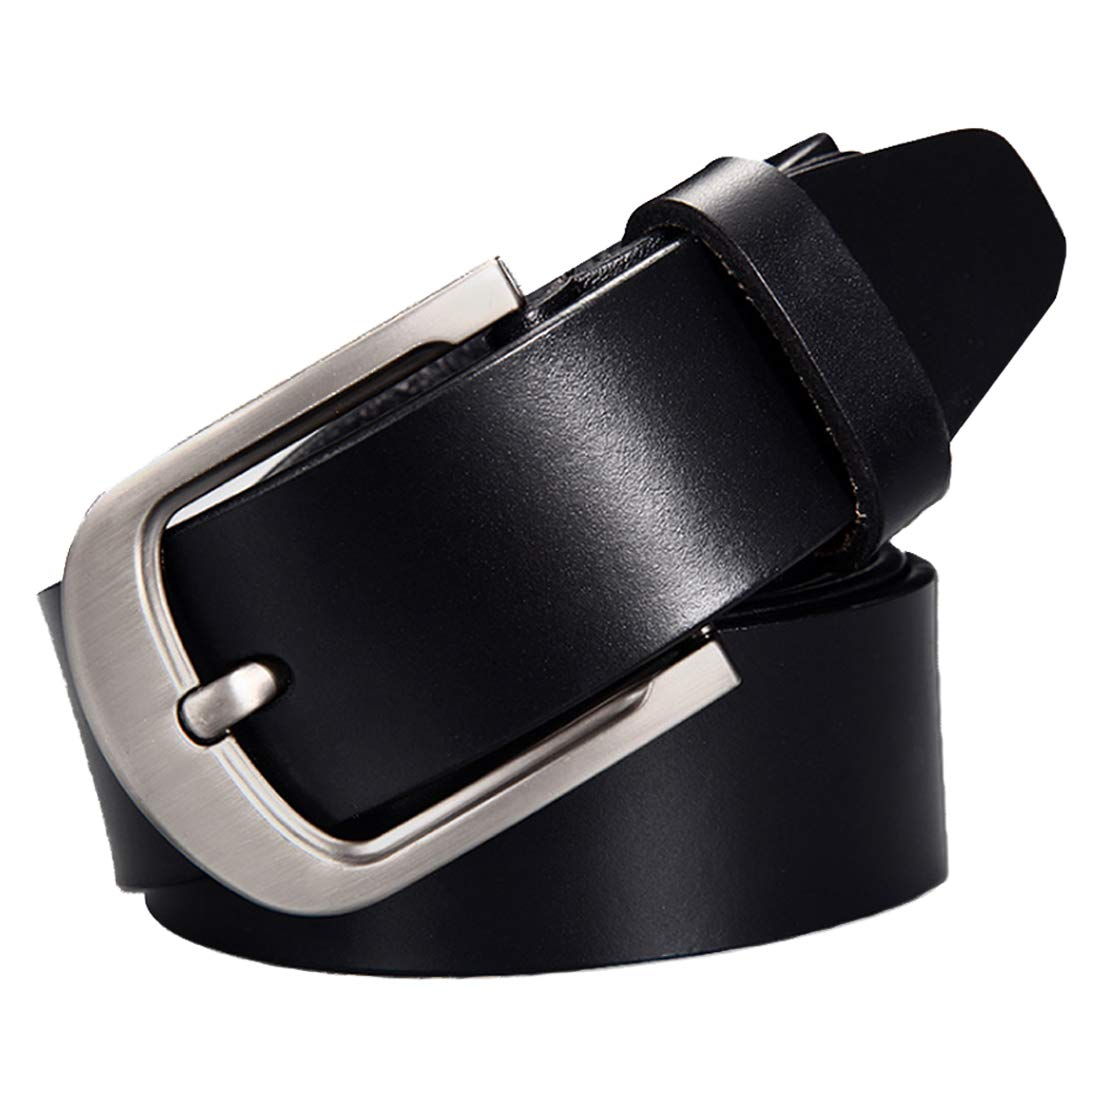 Inlefen Mens leather belt waist beltadjustable anti-slip business belt